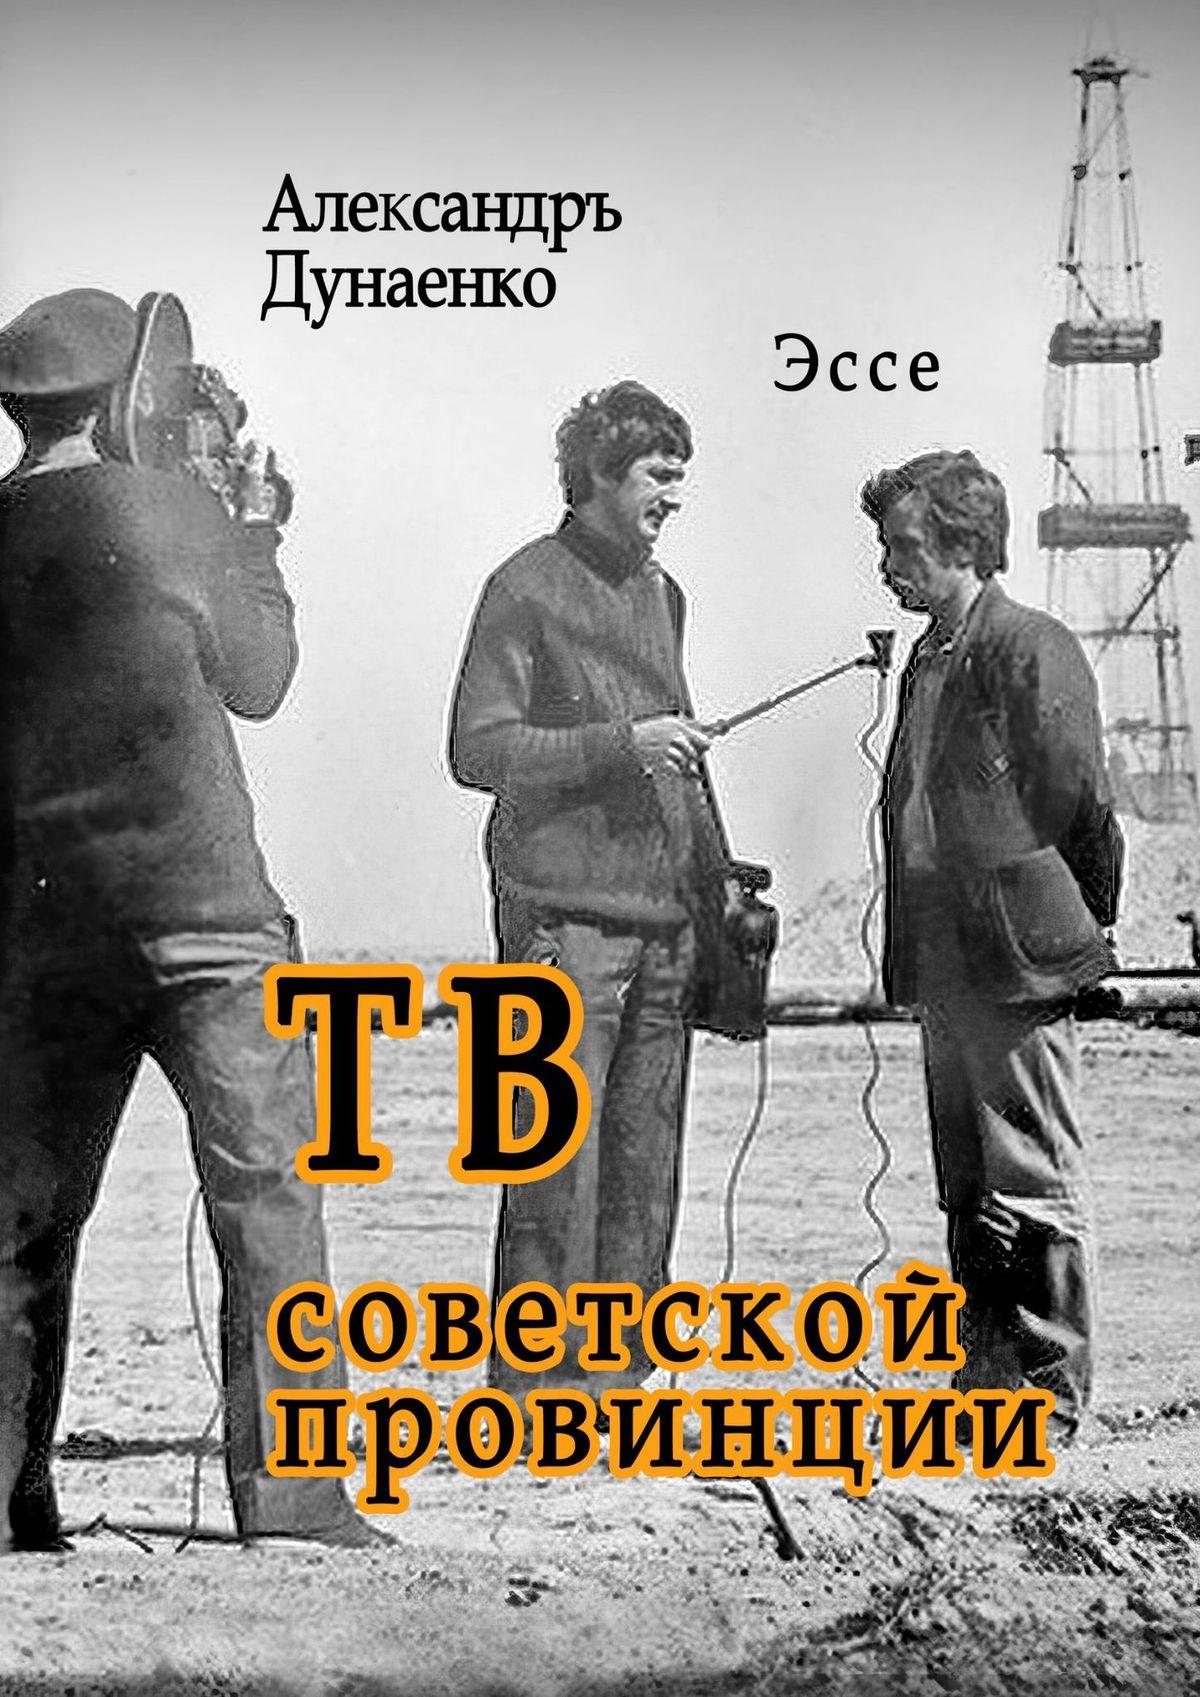 Александръ Дунаенко ТВ советской провинции цены